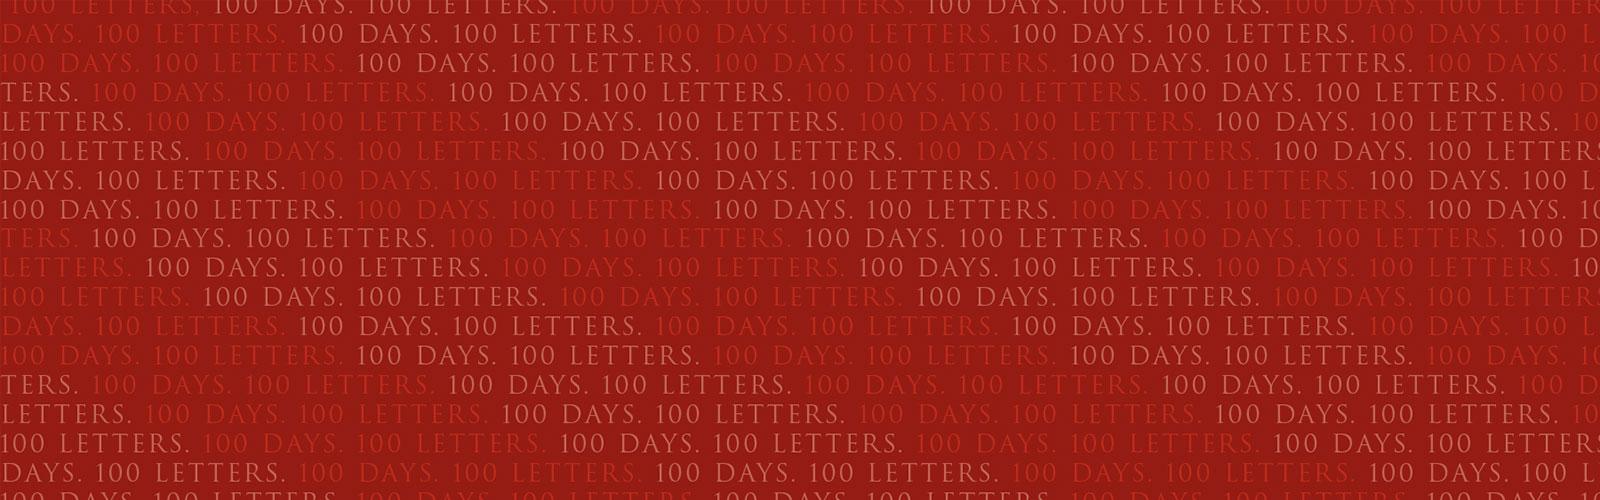 Letter 95